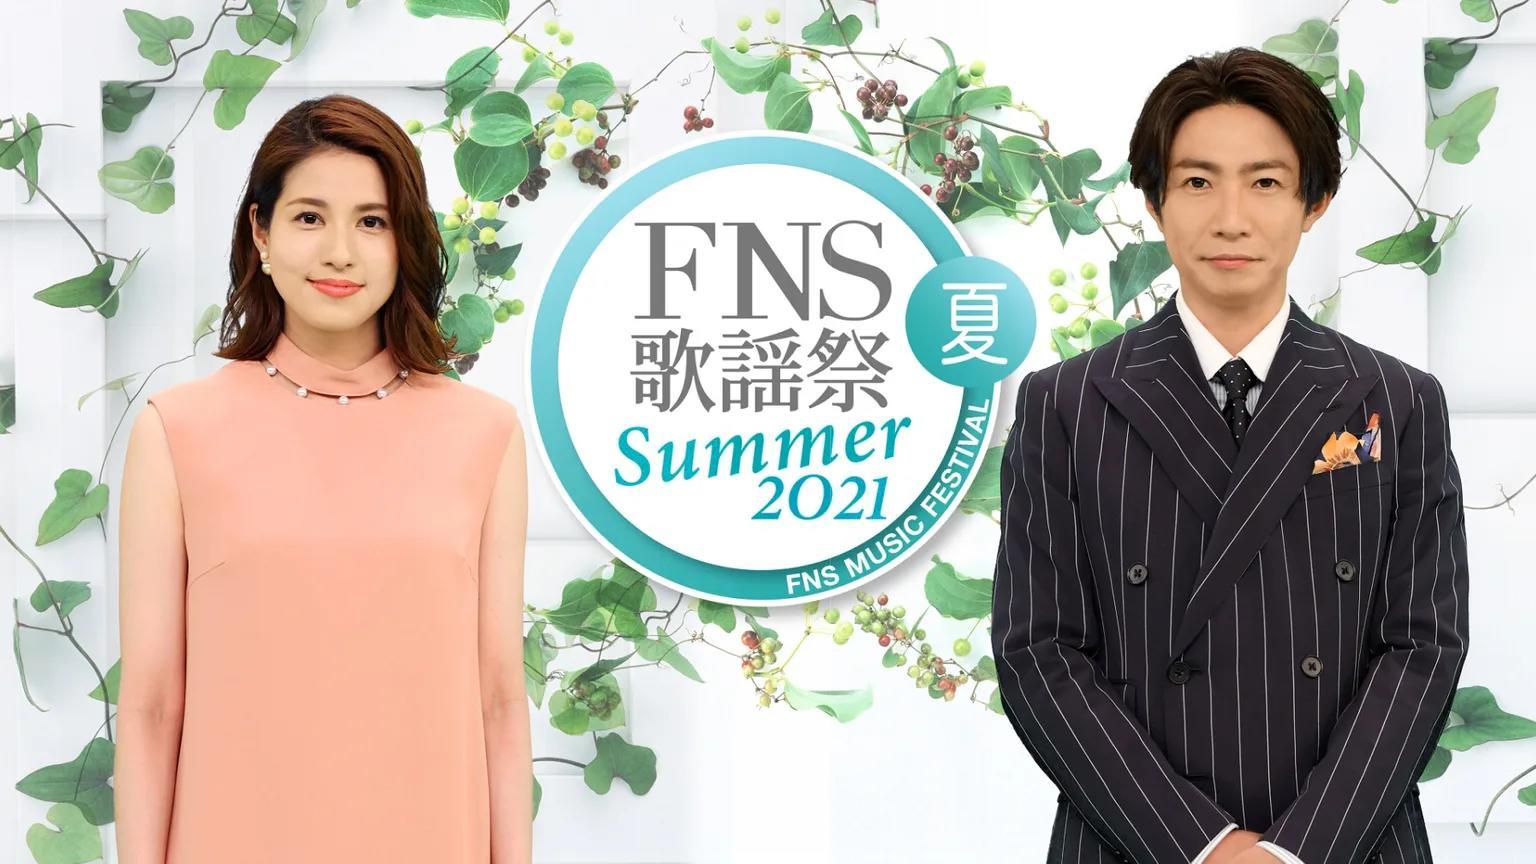 相葉雅紀&永島優美主持「FNS歌謠祭 夏」將在7月14日登場 第一彈演出發表傑尼斯有5組